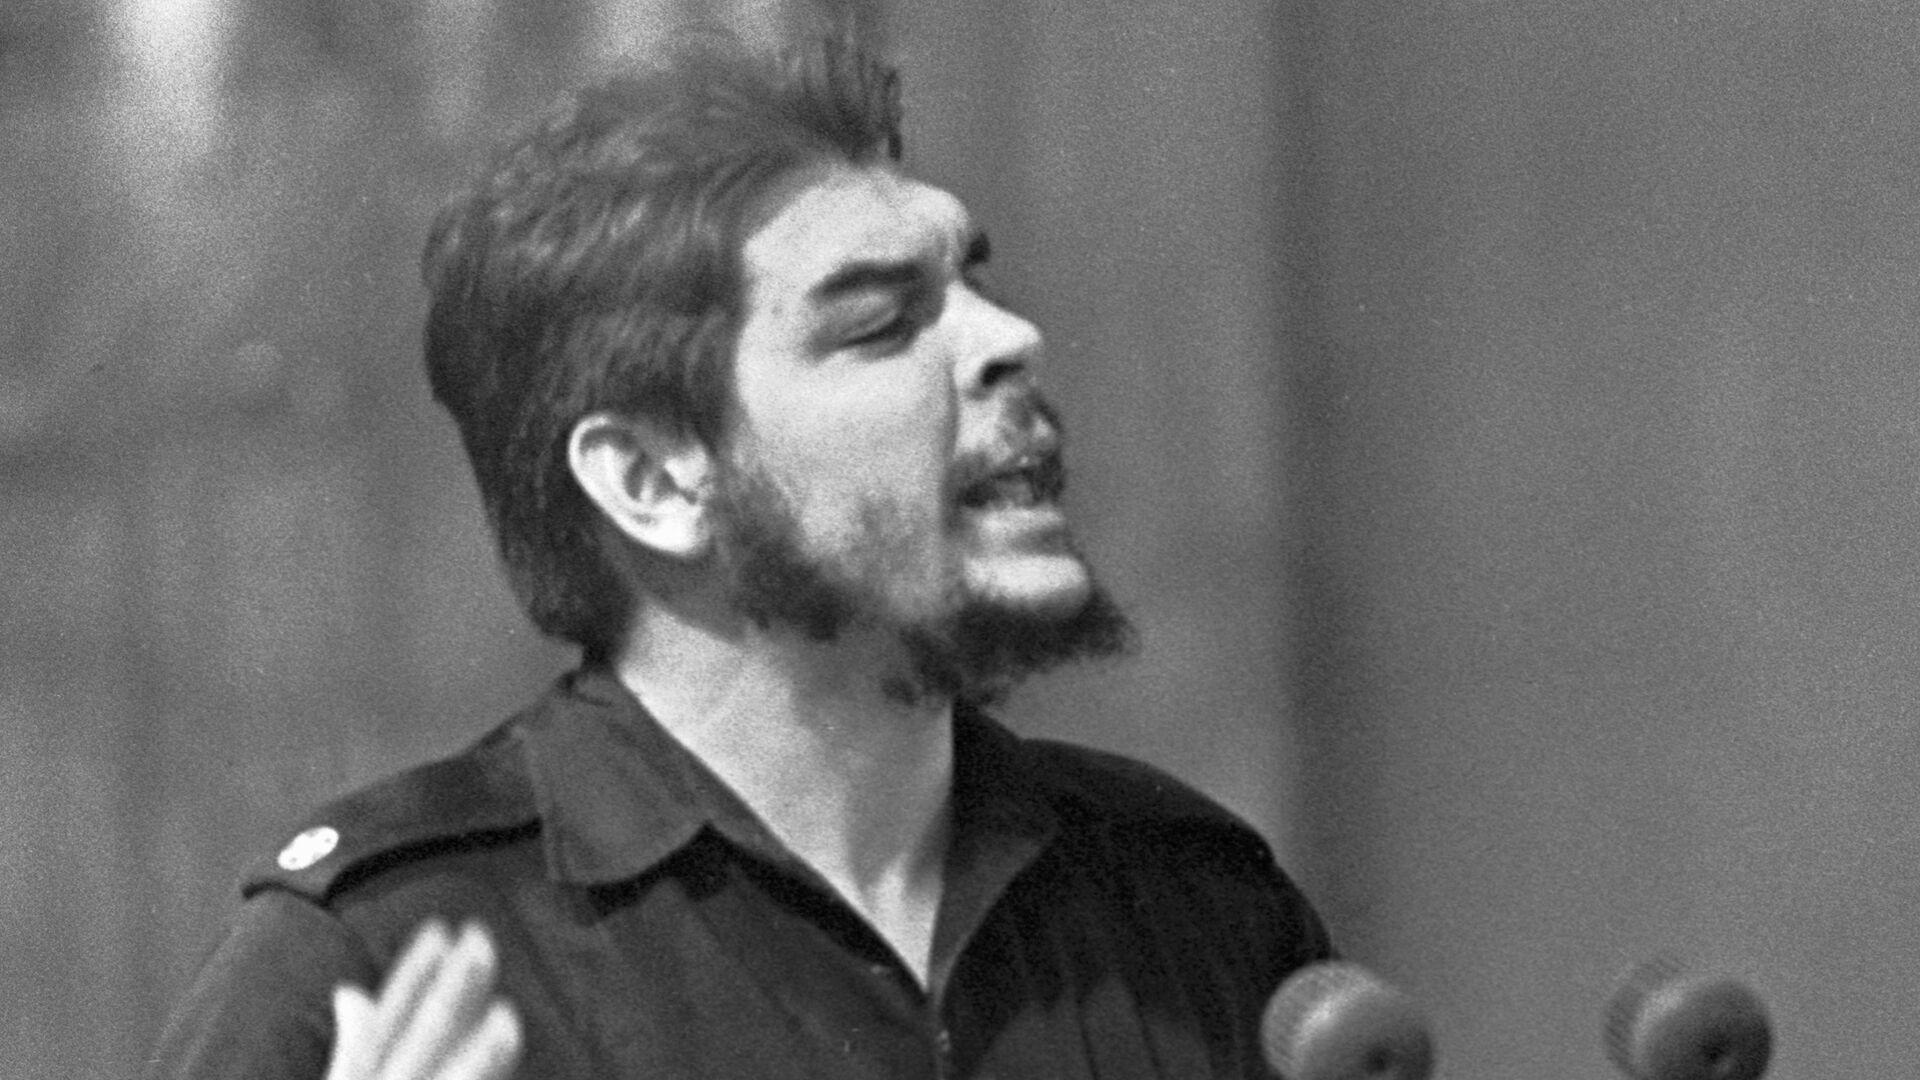 Che Guevara en Moscú en 1960 - Sputnik Mundo, 1920, 25.07.2021